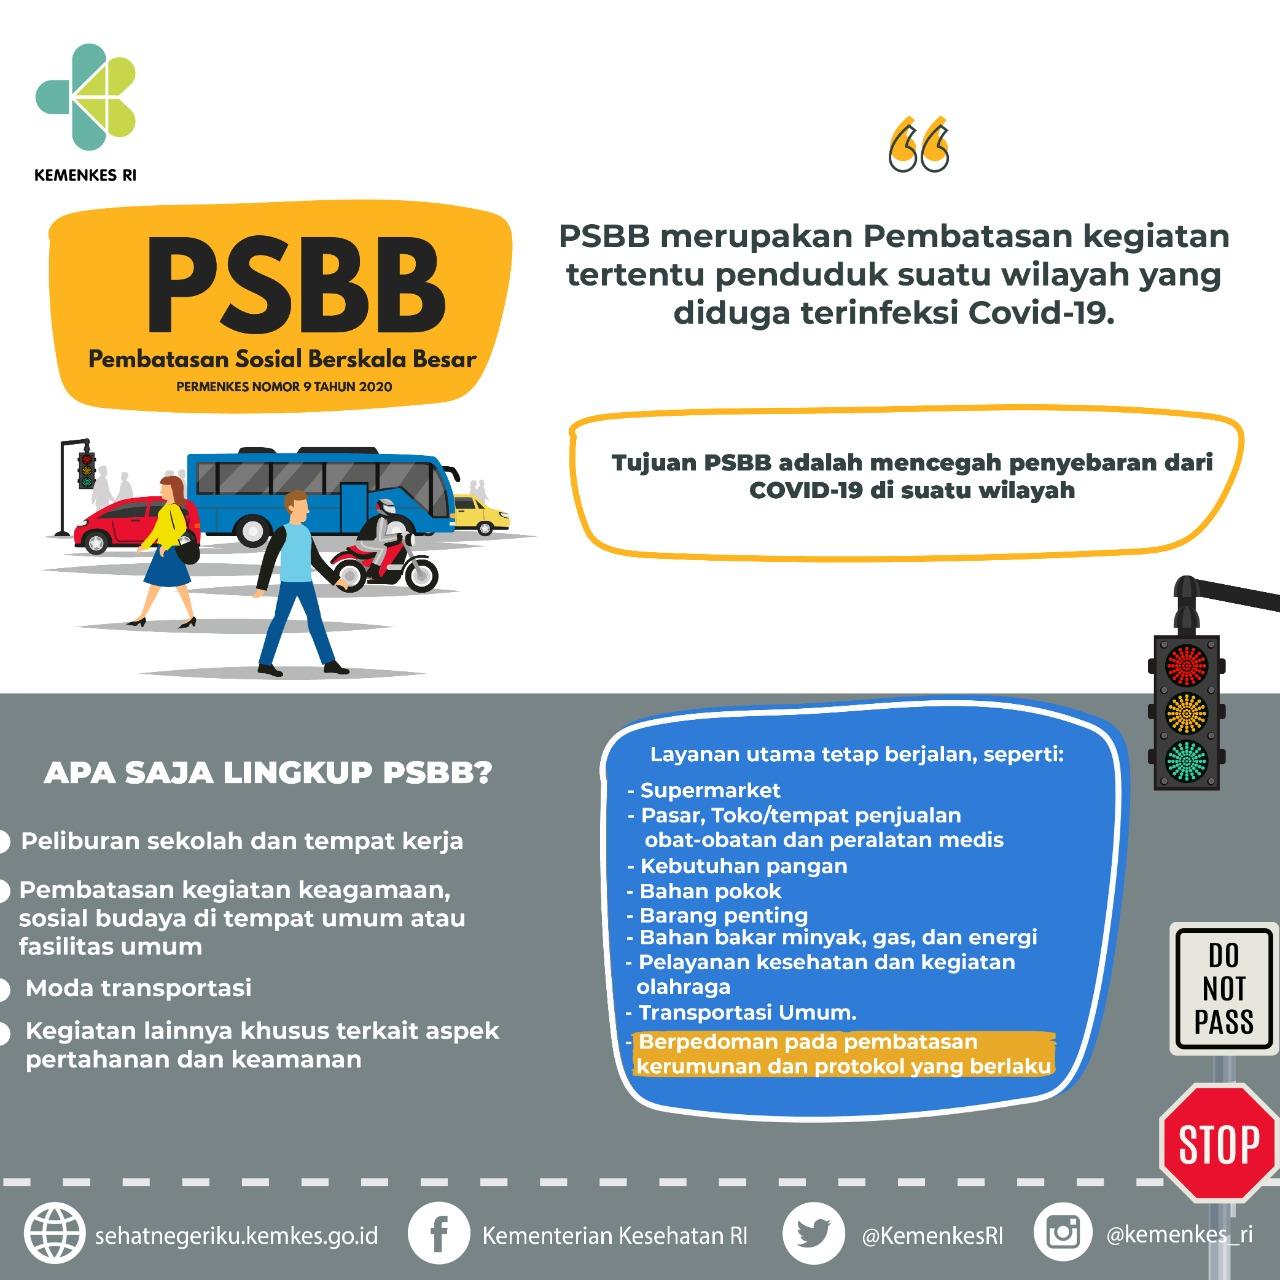 Sekretariat Kabinet Republik Indonesia Menkes Teken Permenkes Nomor 9 Tahun 2020 Soal Tata Cara Usulan Psbb Sekretariat Kabinet Republik Indonesia